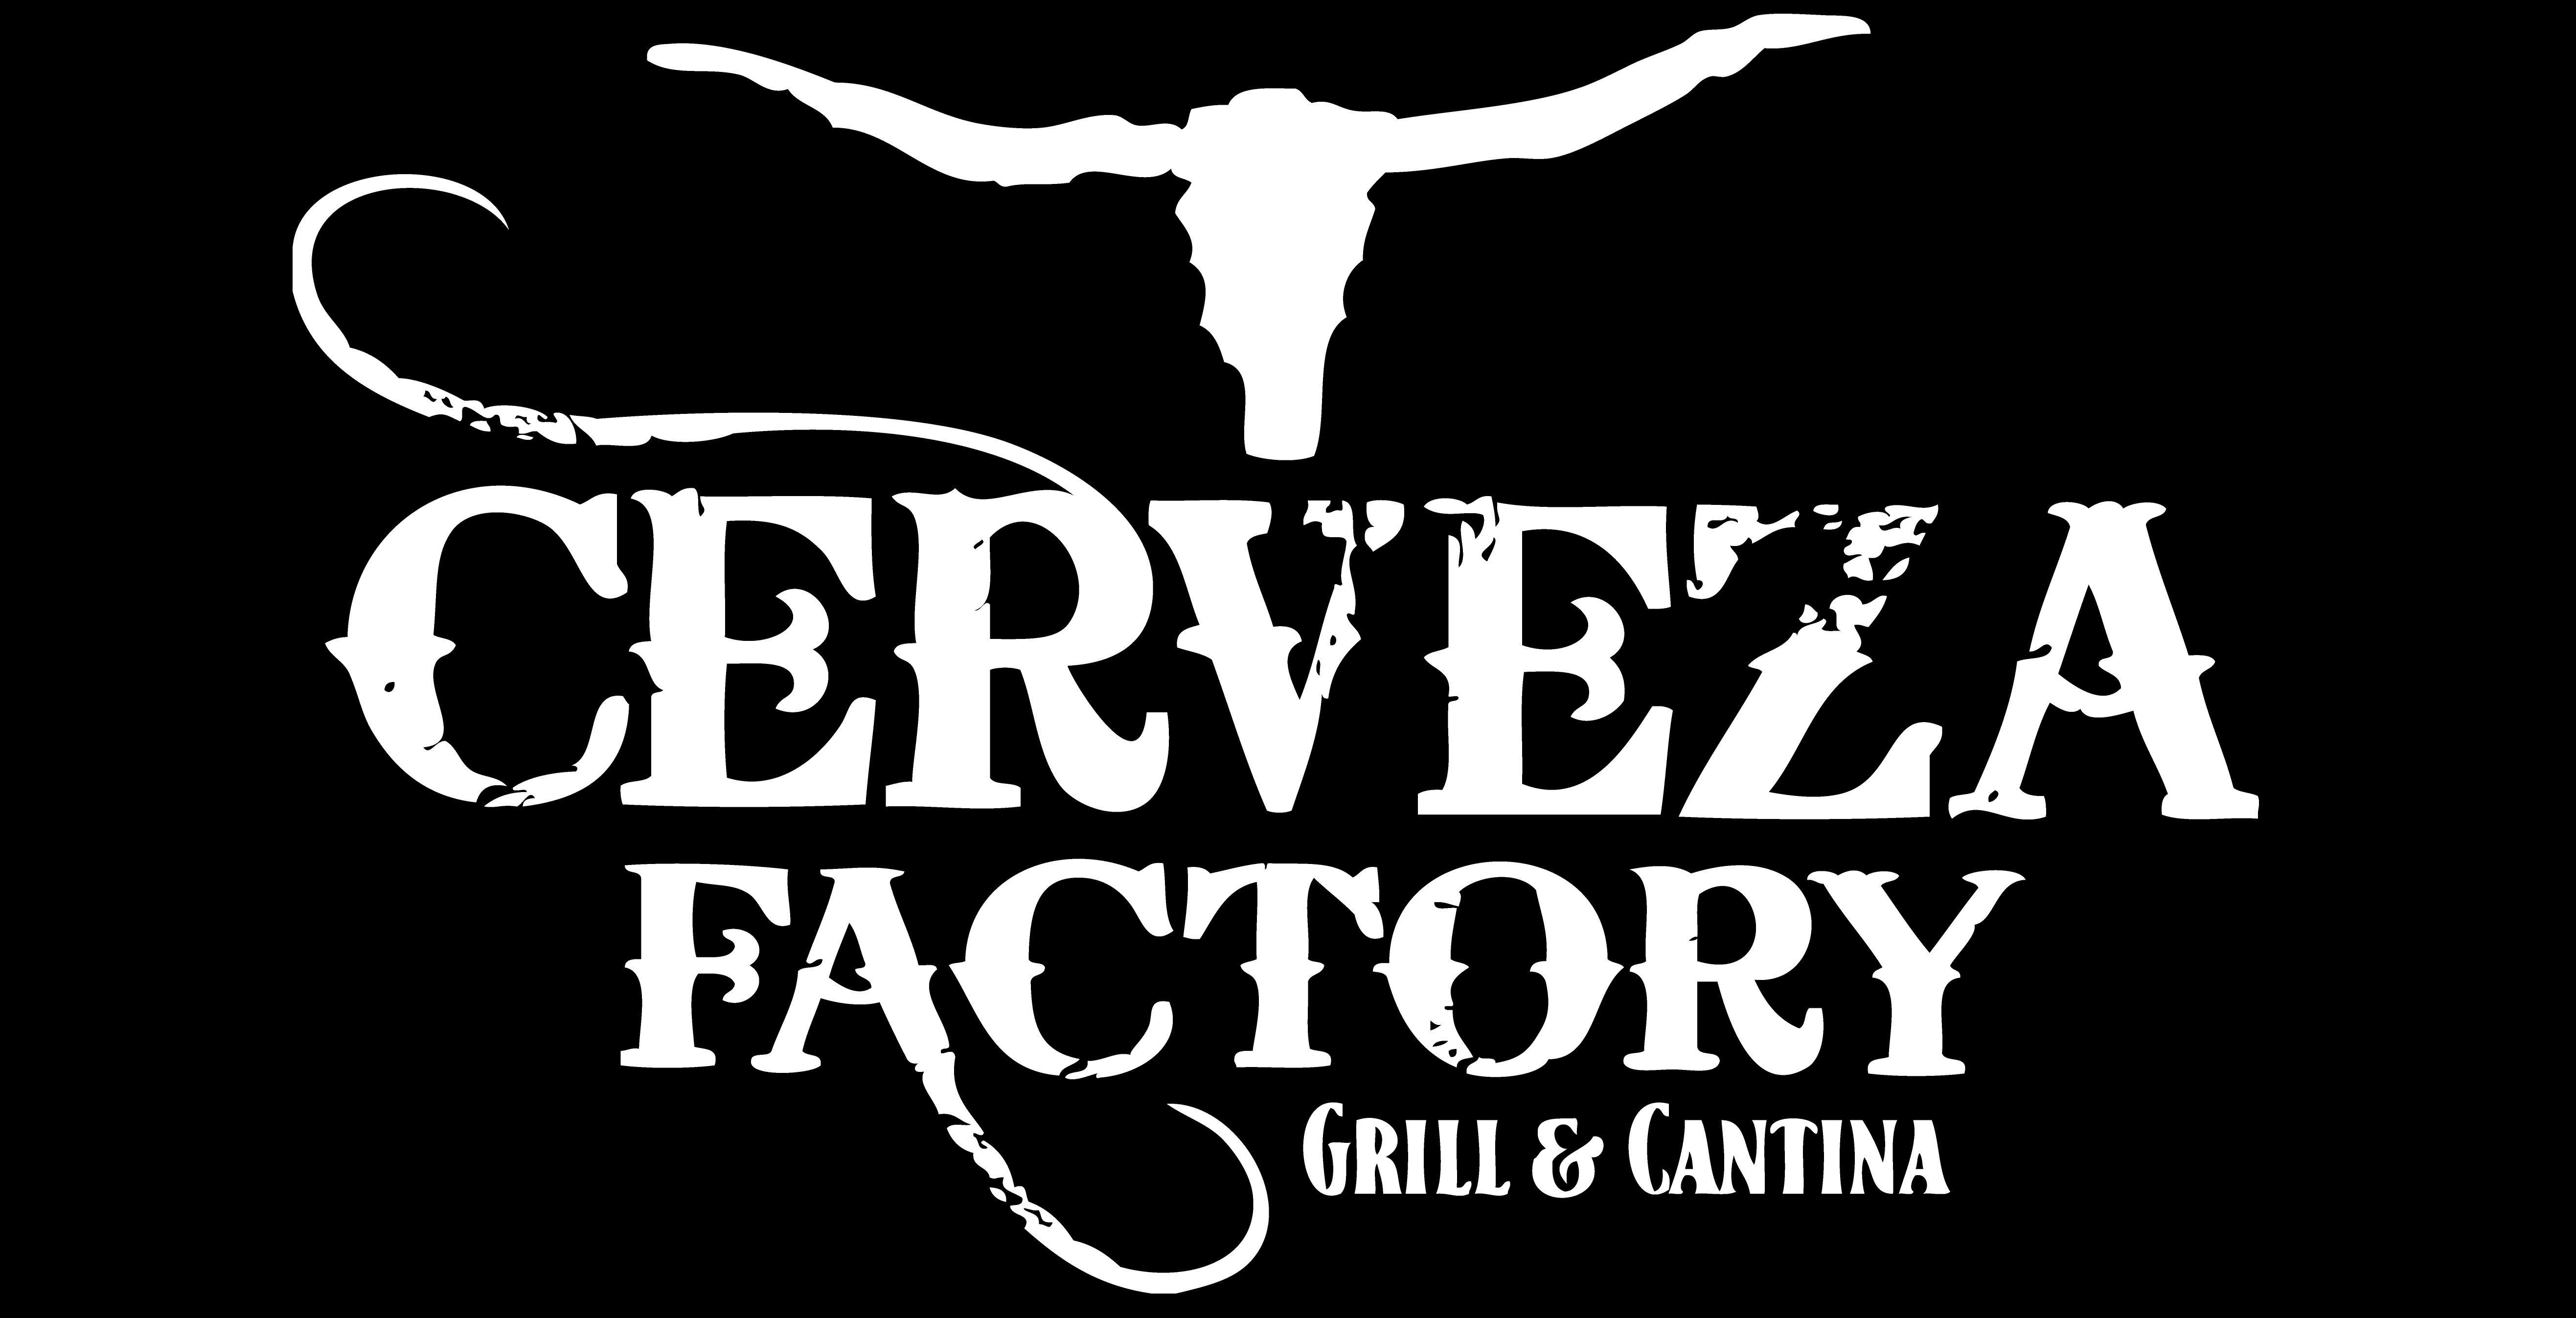 Cerveza Factory Logo